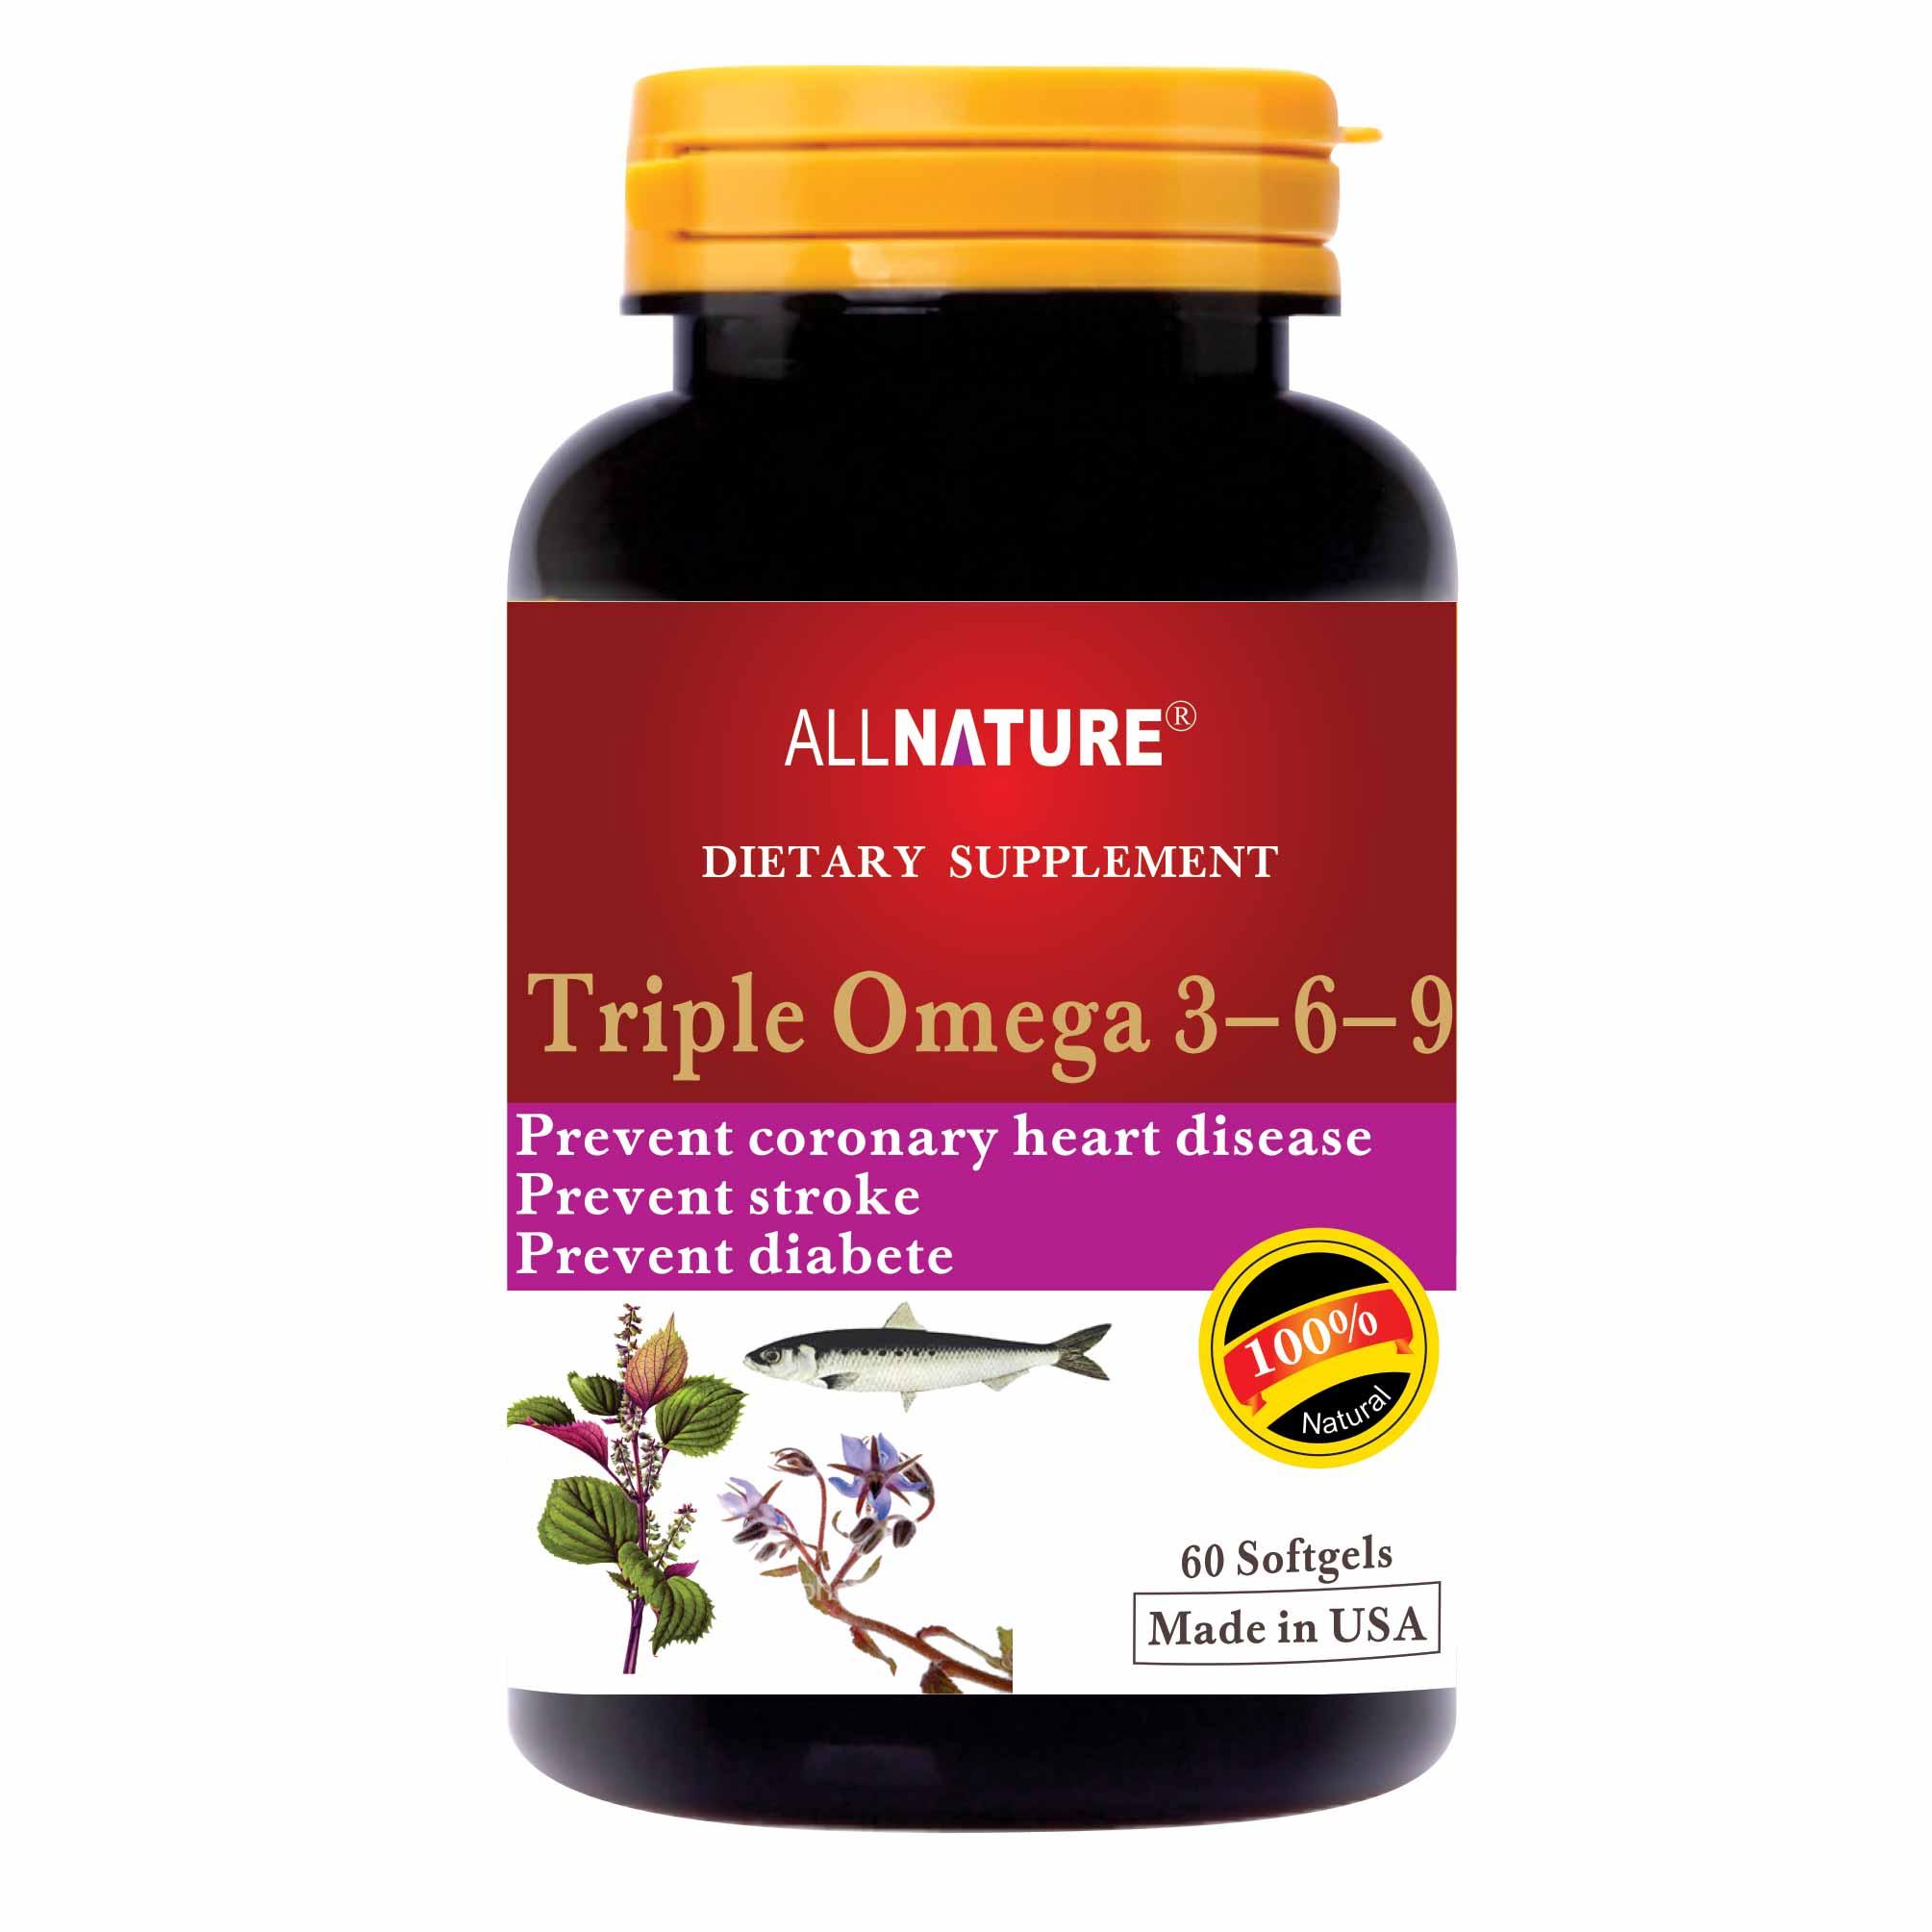 http://rosix.com.vn/tp-bao-ve-suc-khoe-triple-omega-3-6-9-giup-giam-cholesterol-triglycerid-mau